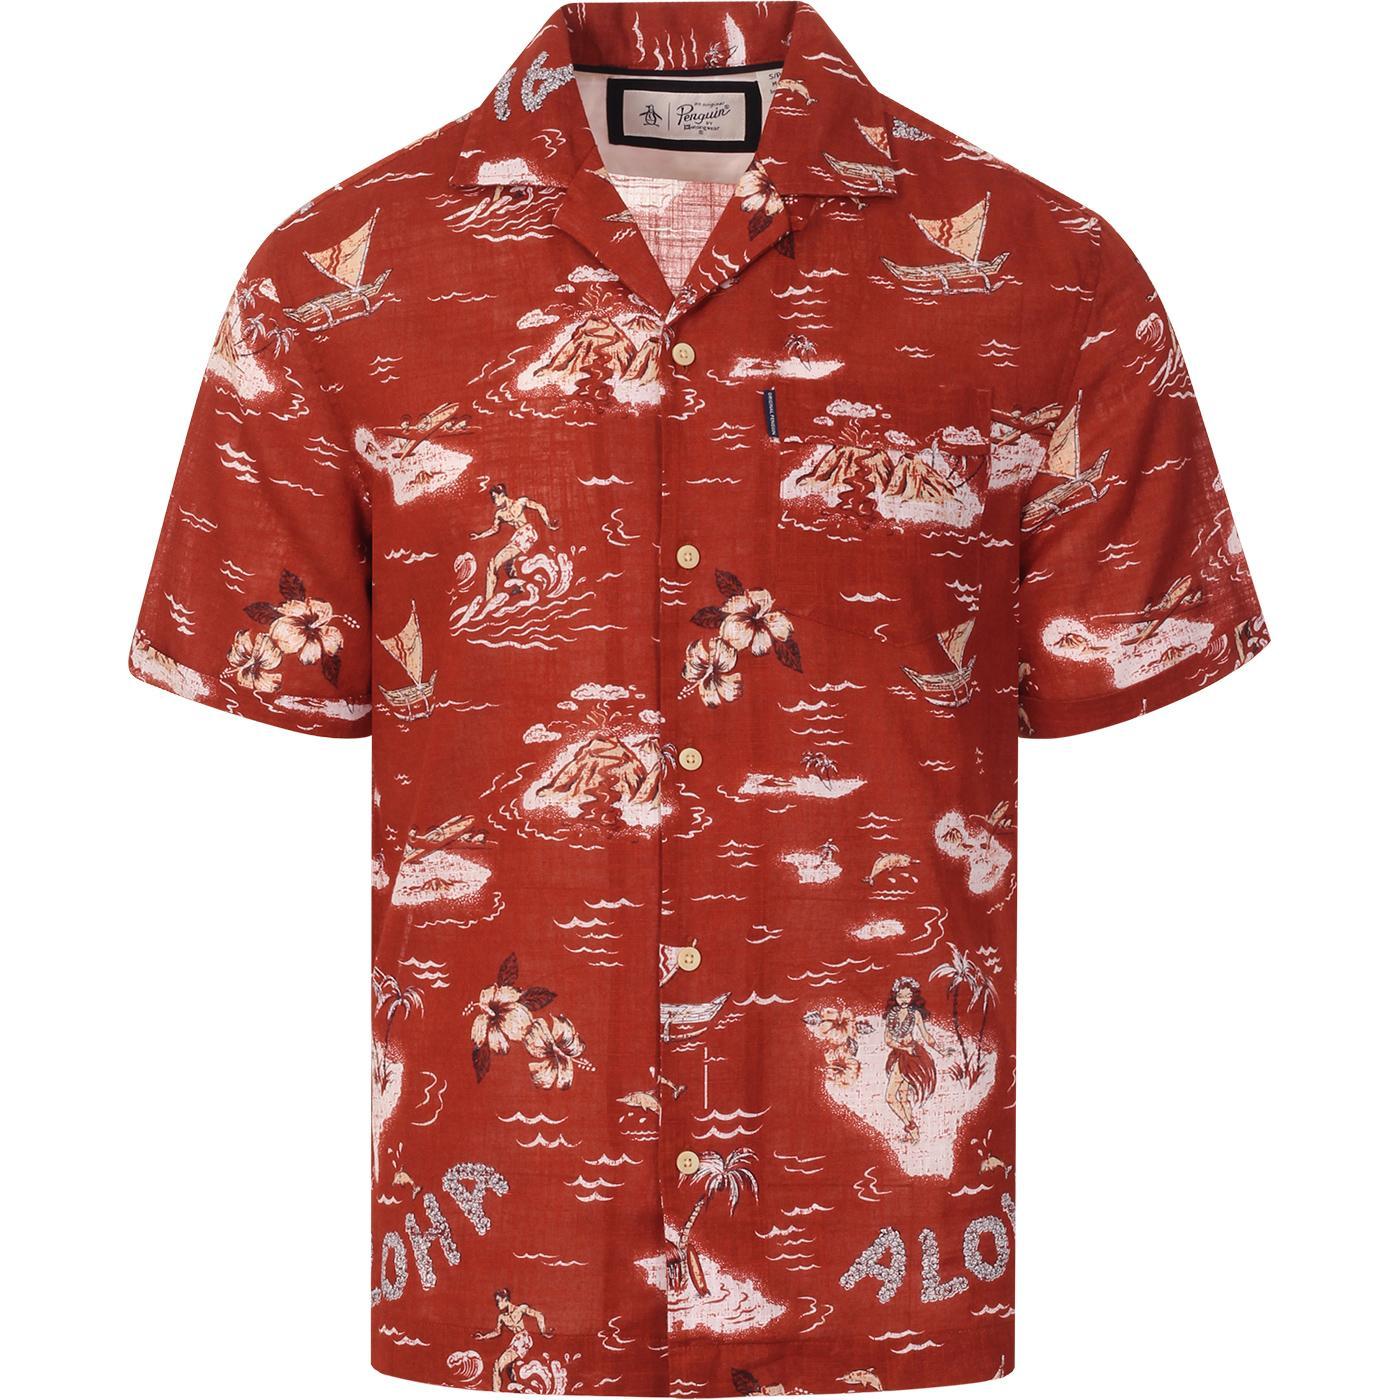 Aloha ORIGINAL PENGUIN 70s Cuban Collar Shirt (RO)